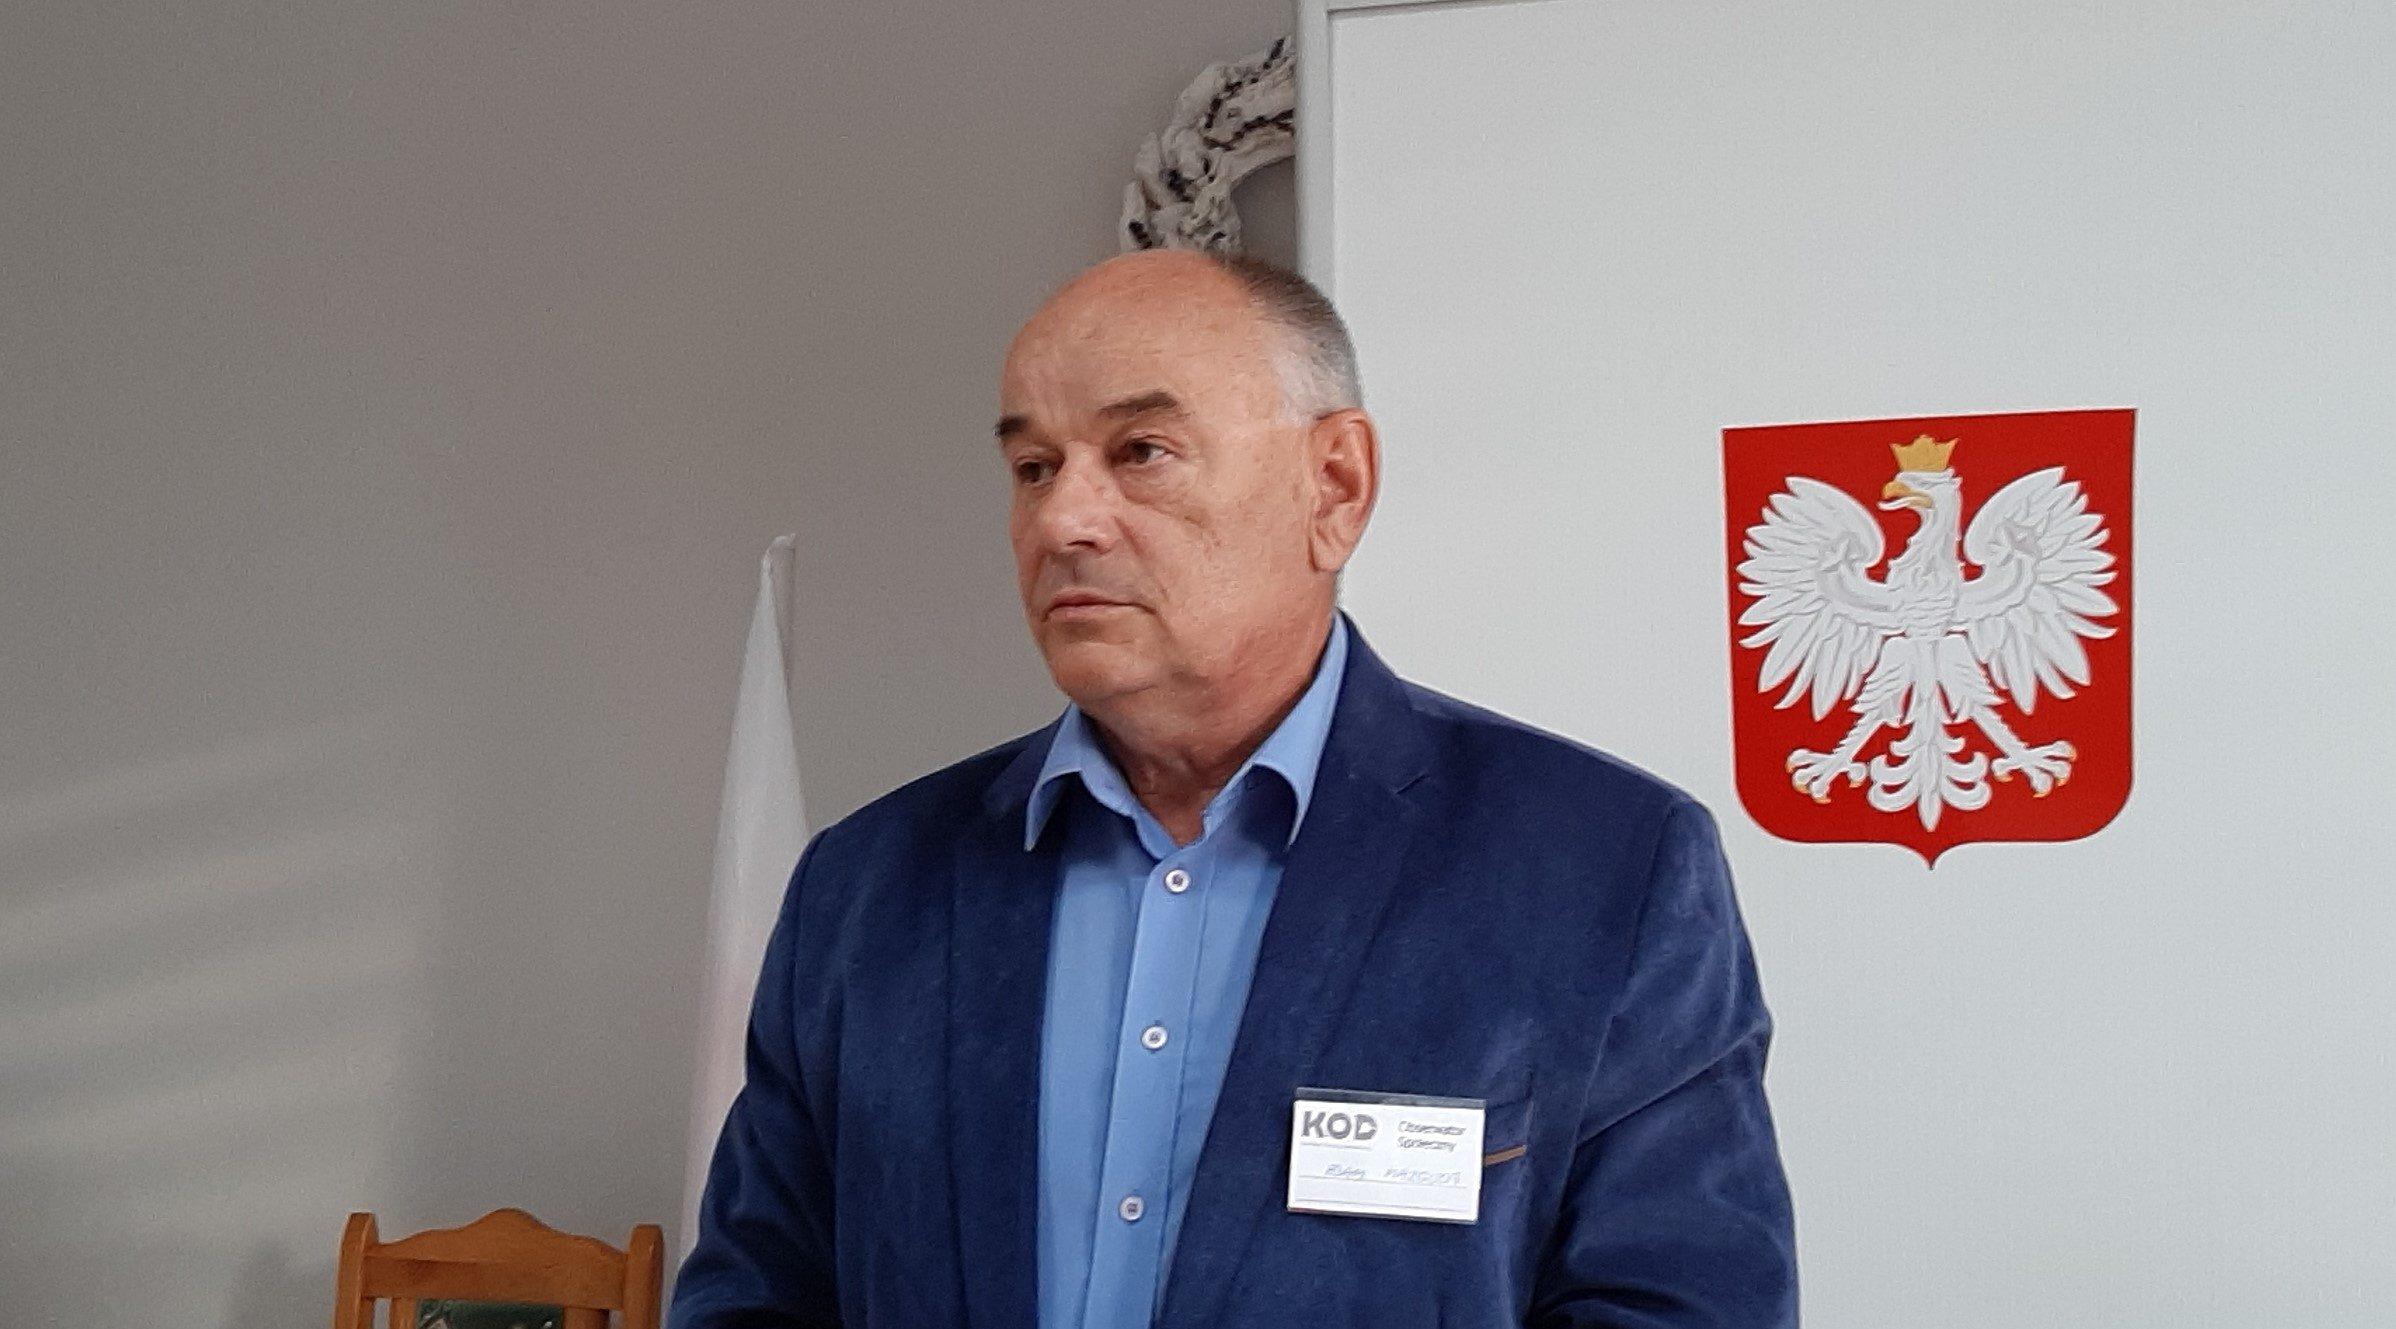 Wybory ujawniły wstydliwe geny Polaków